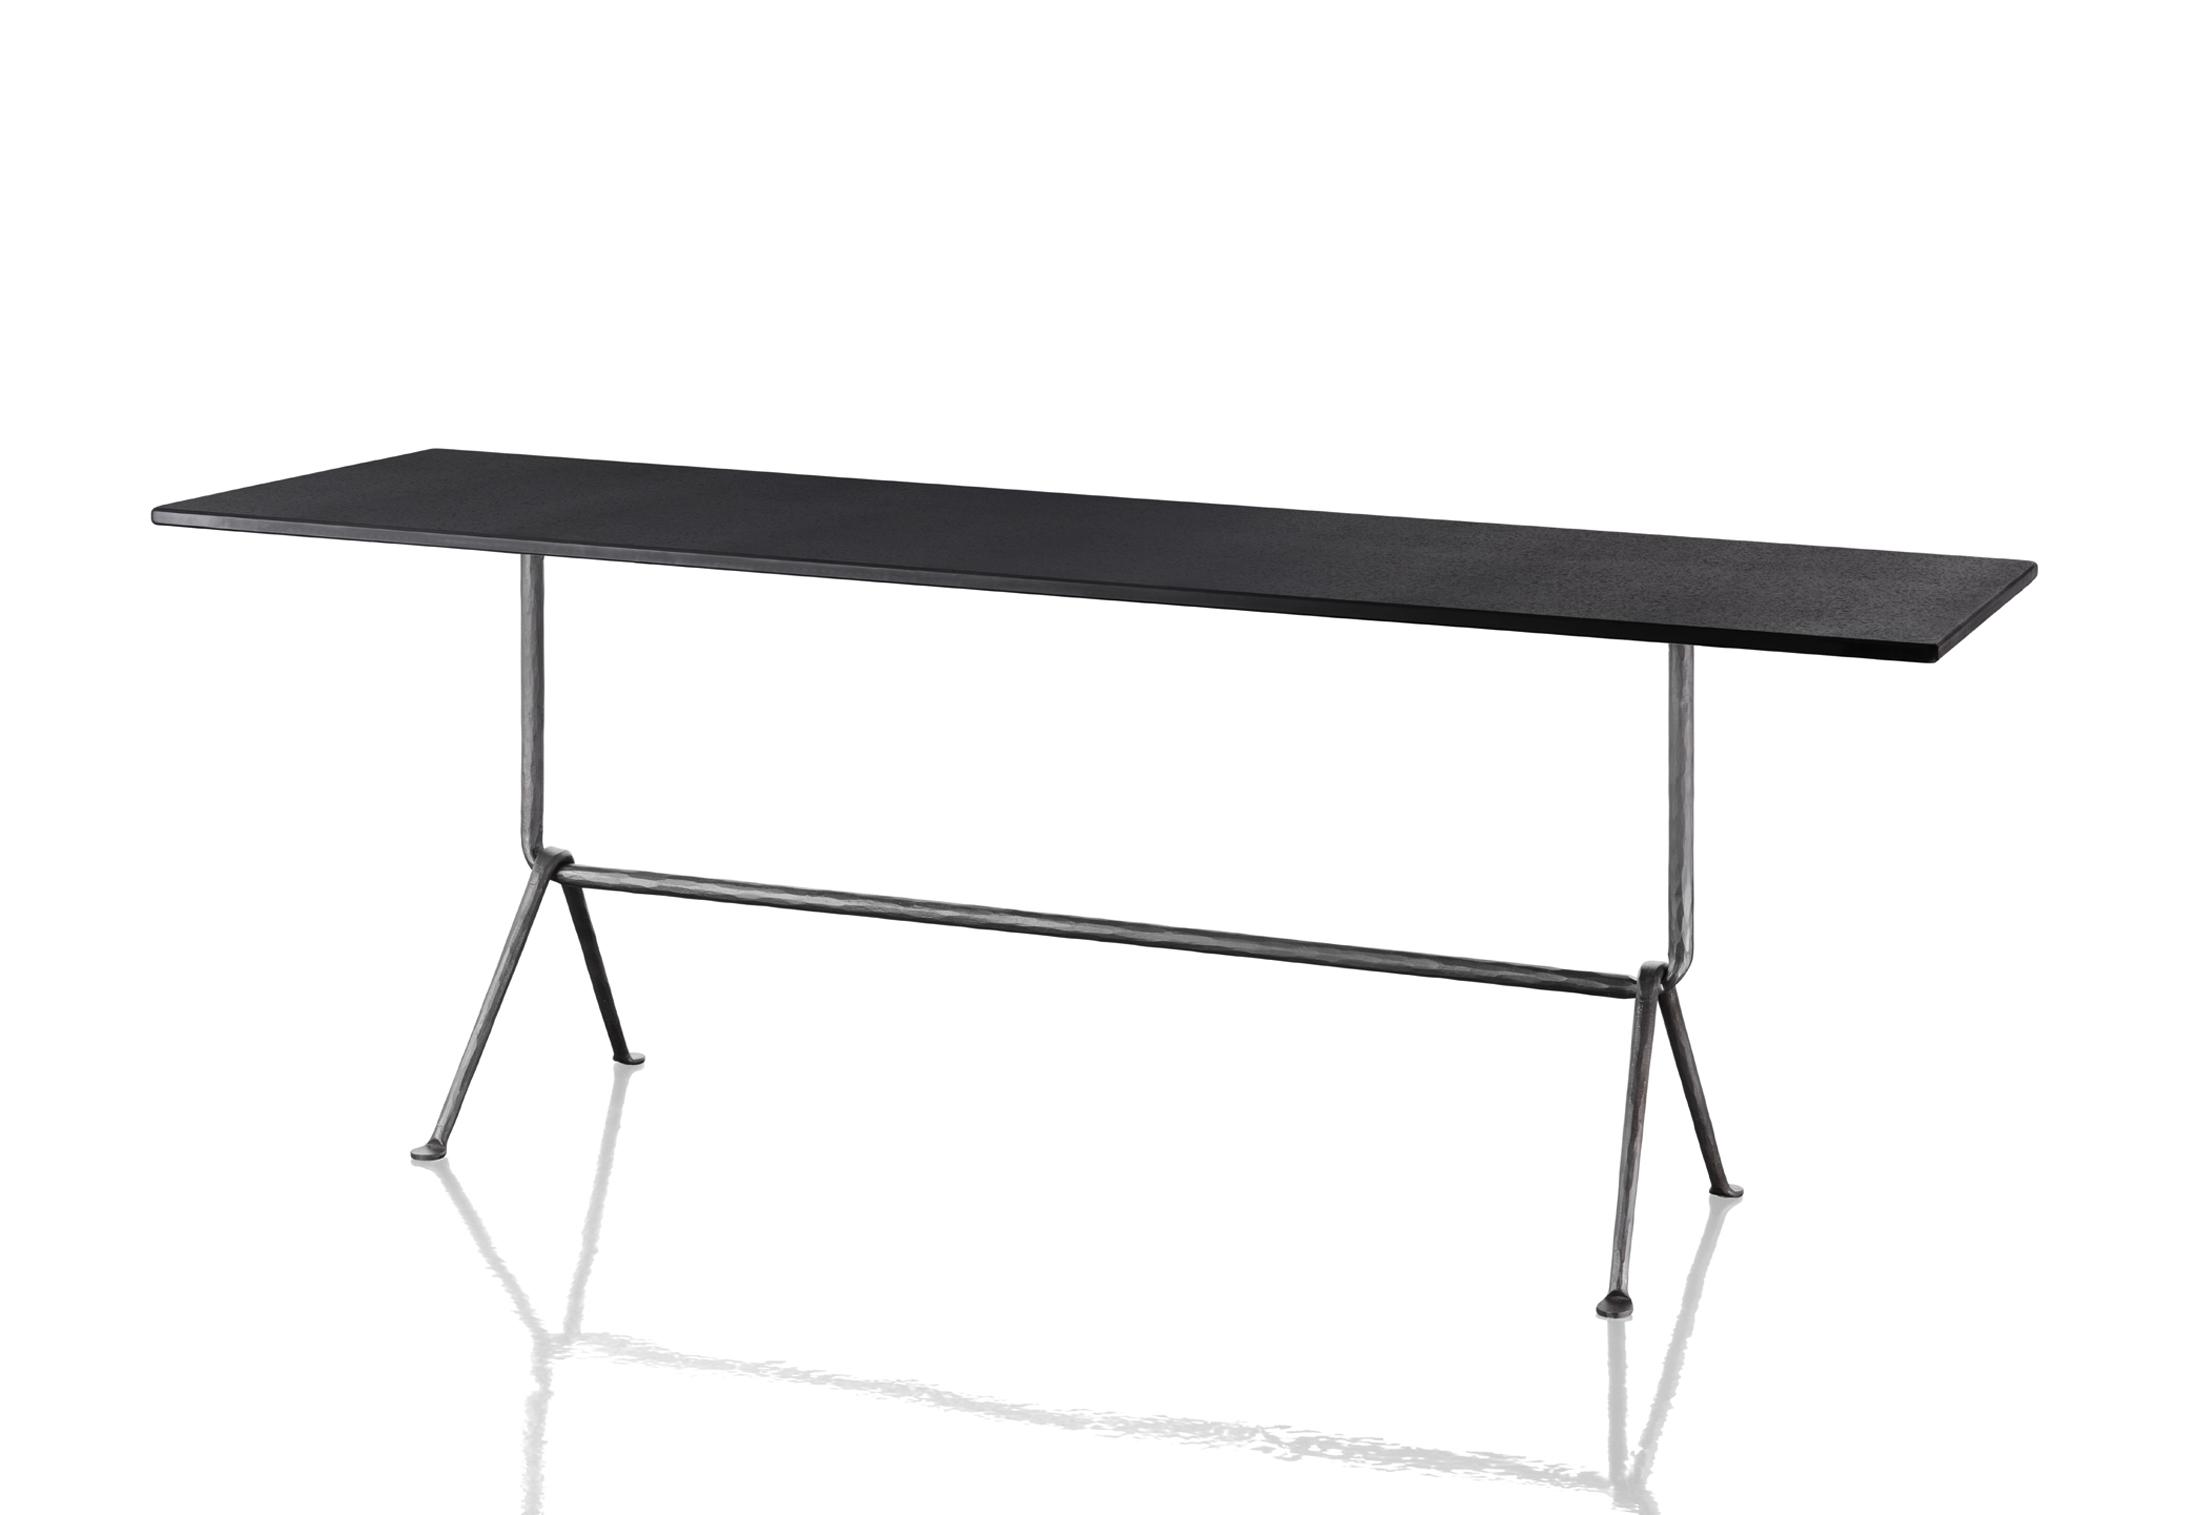 OFFICINA Tisch klein rechteckig von Magis | STYLEPARK